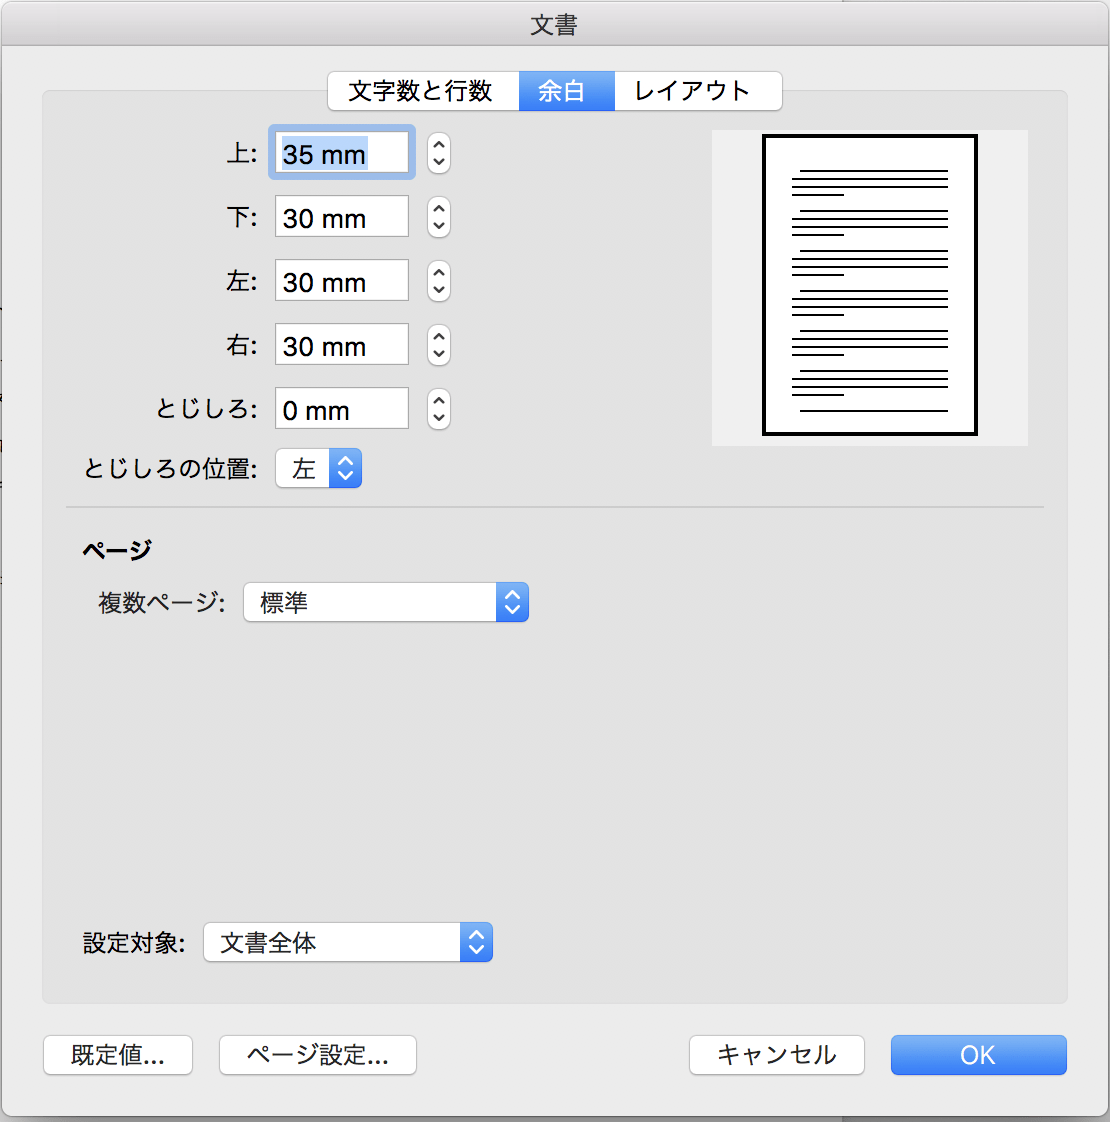 「余白」のタブを選んで上下左右の余白を設定